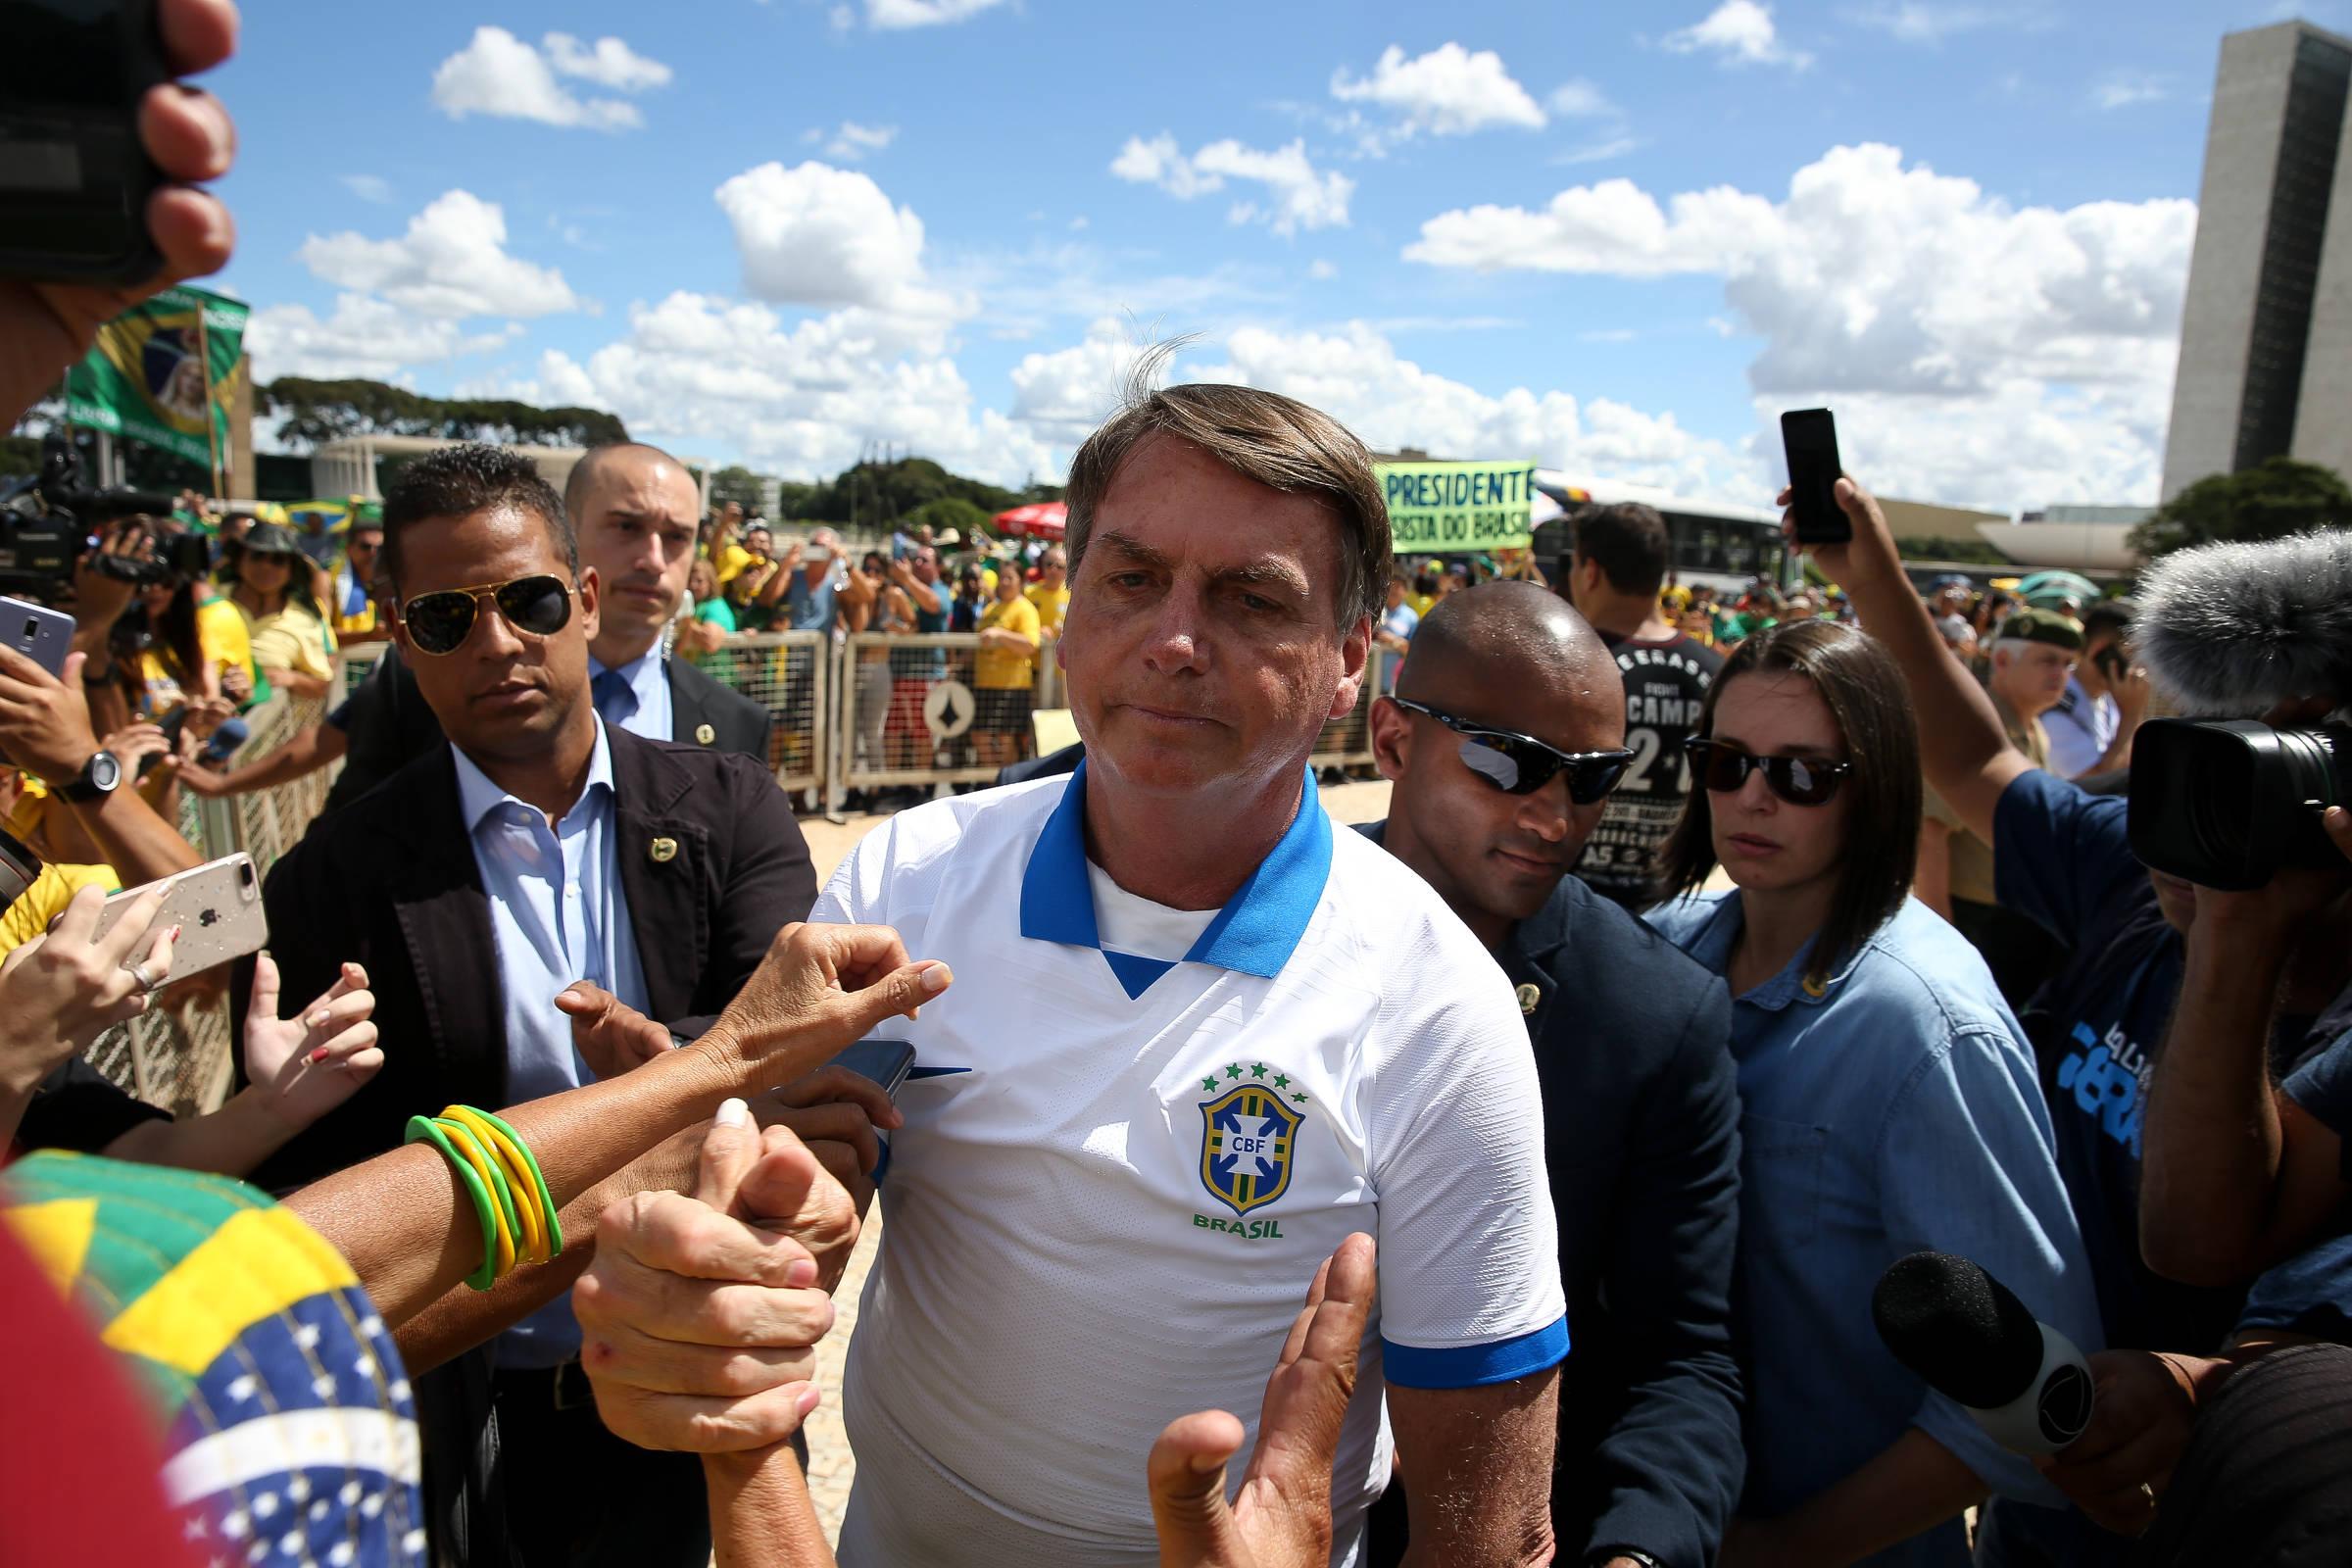 O governo de Bolsonar vincula as mortes e os casos de Kovid aos governadores adversários - 10/08/2020.  - Cotidiano